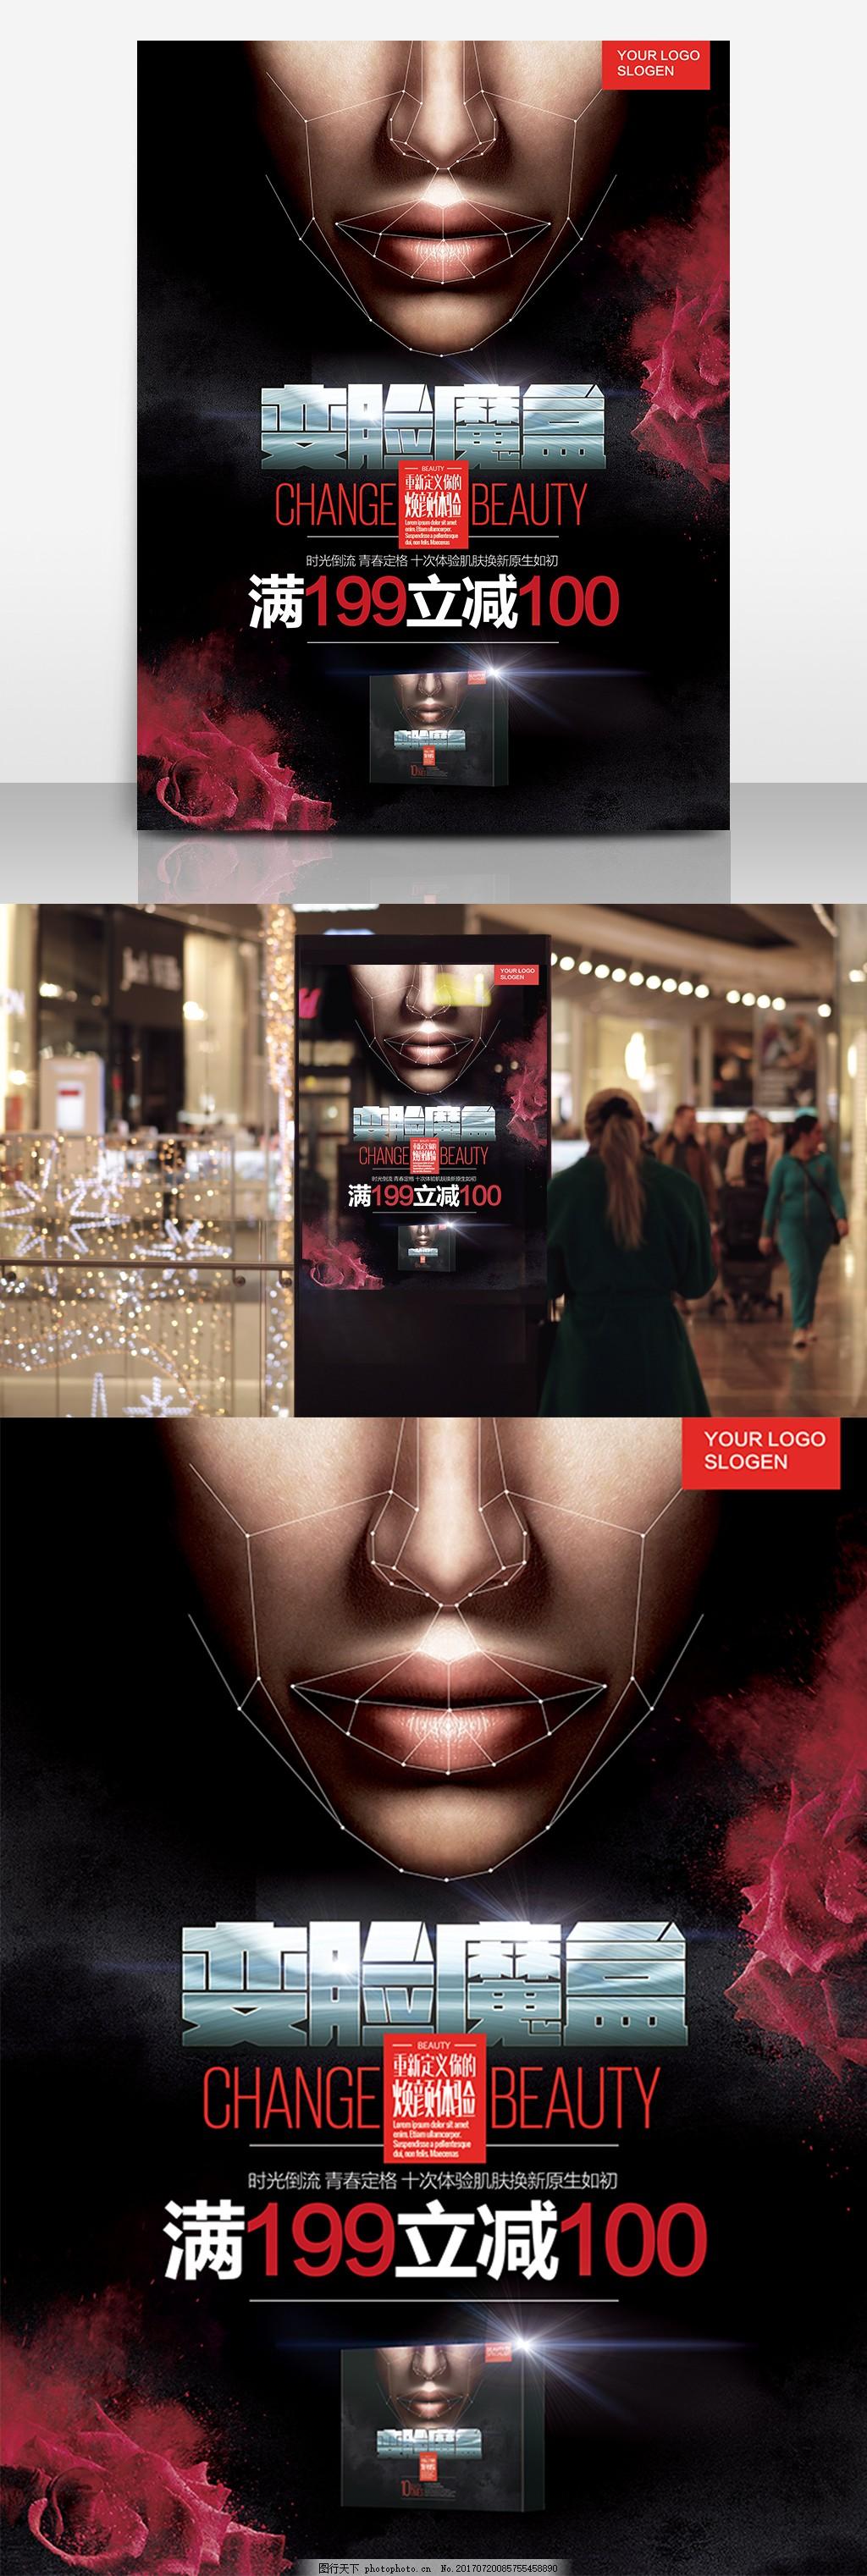 酷炫化妆品时尚整形医院宣传海报